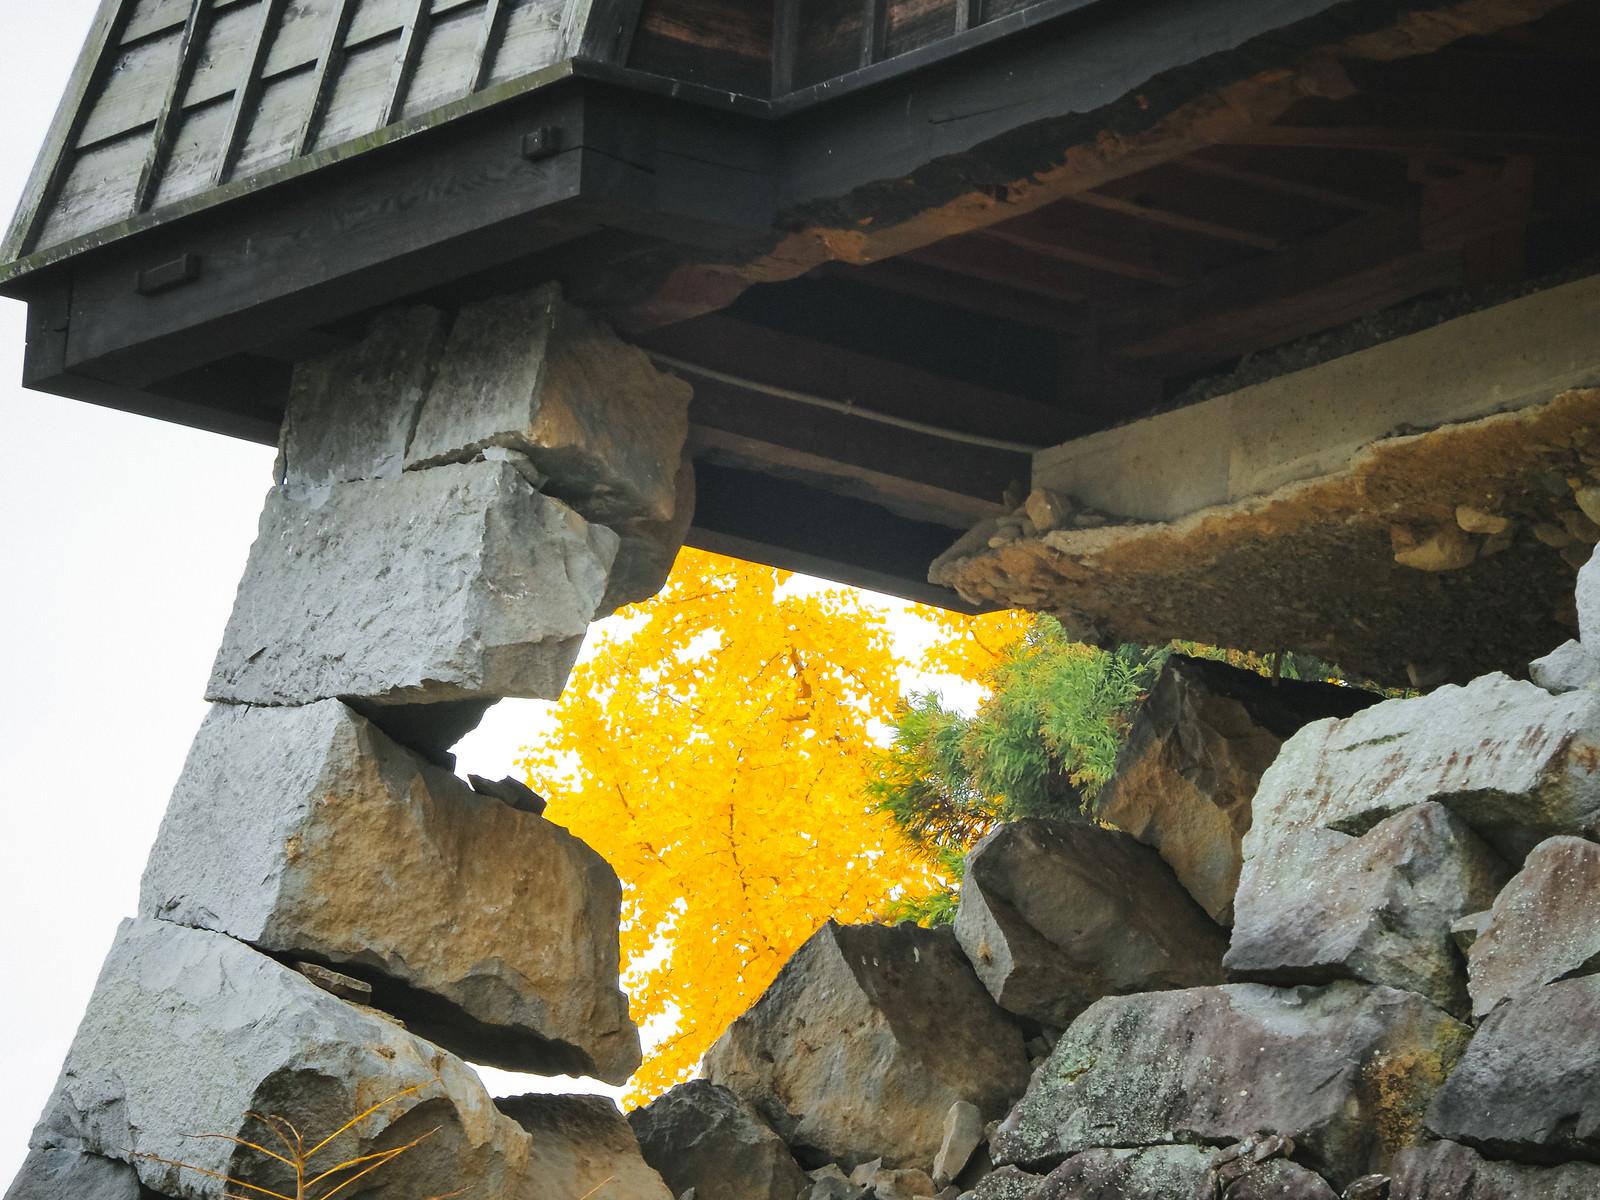 「石垣がギリギリ残る熊本城」の写真